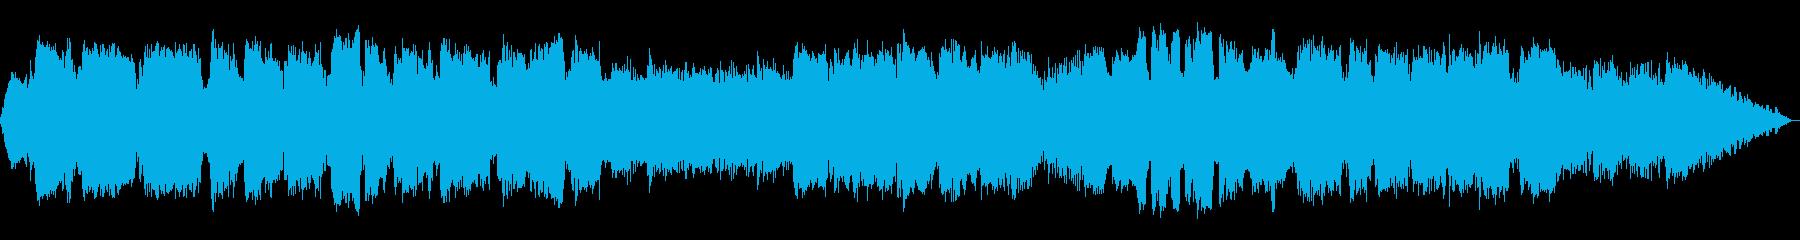 静かな笛のヒーリングミュージックの再生済みの波形